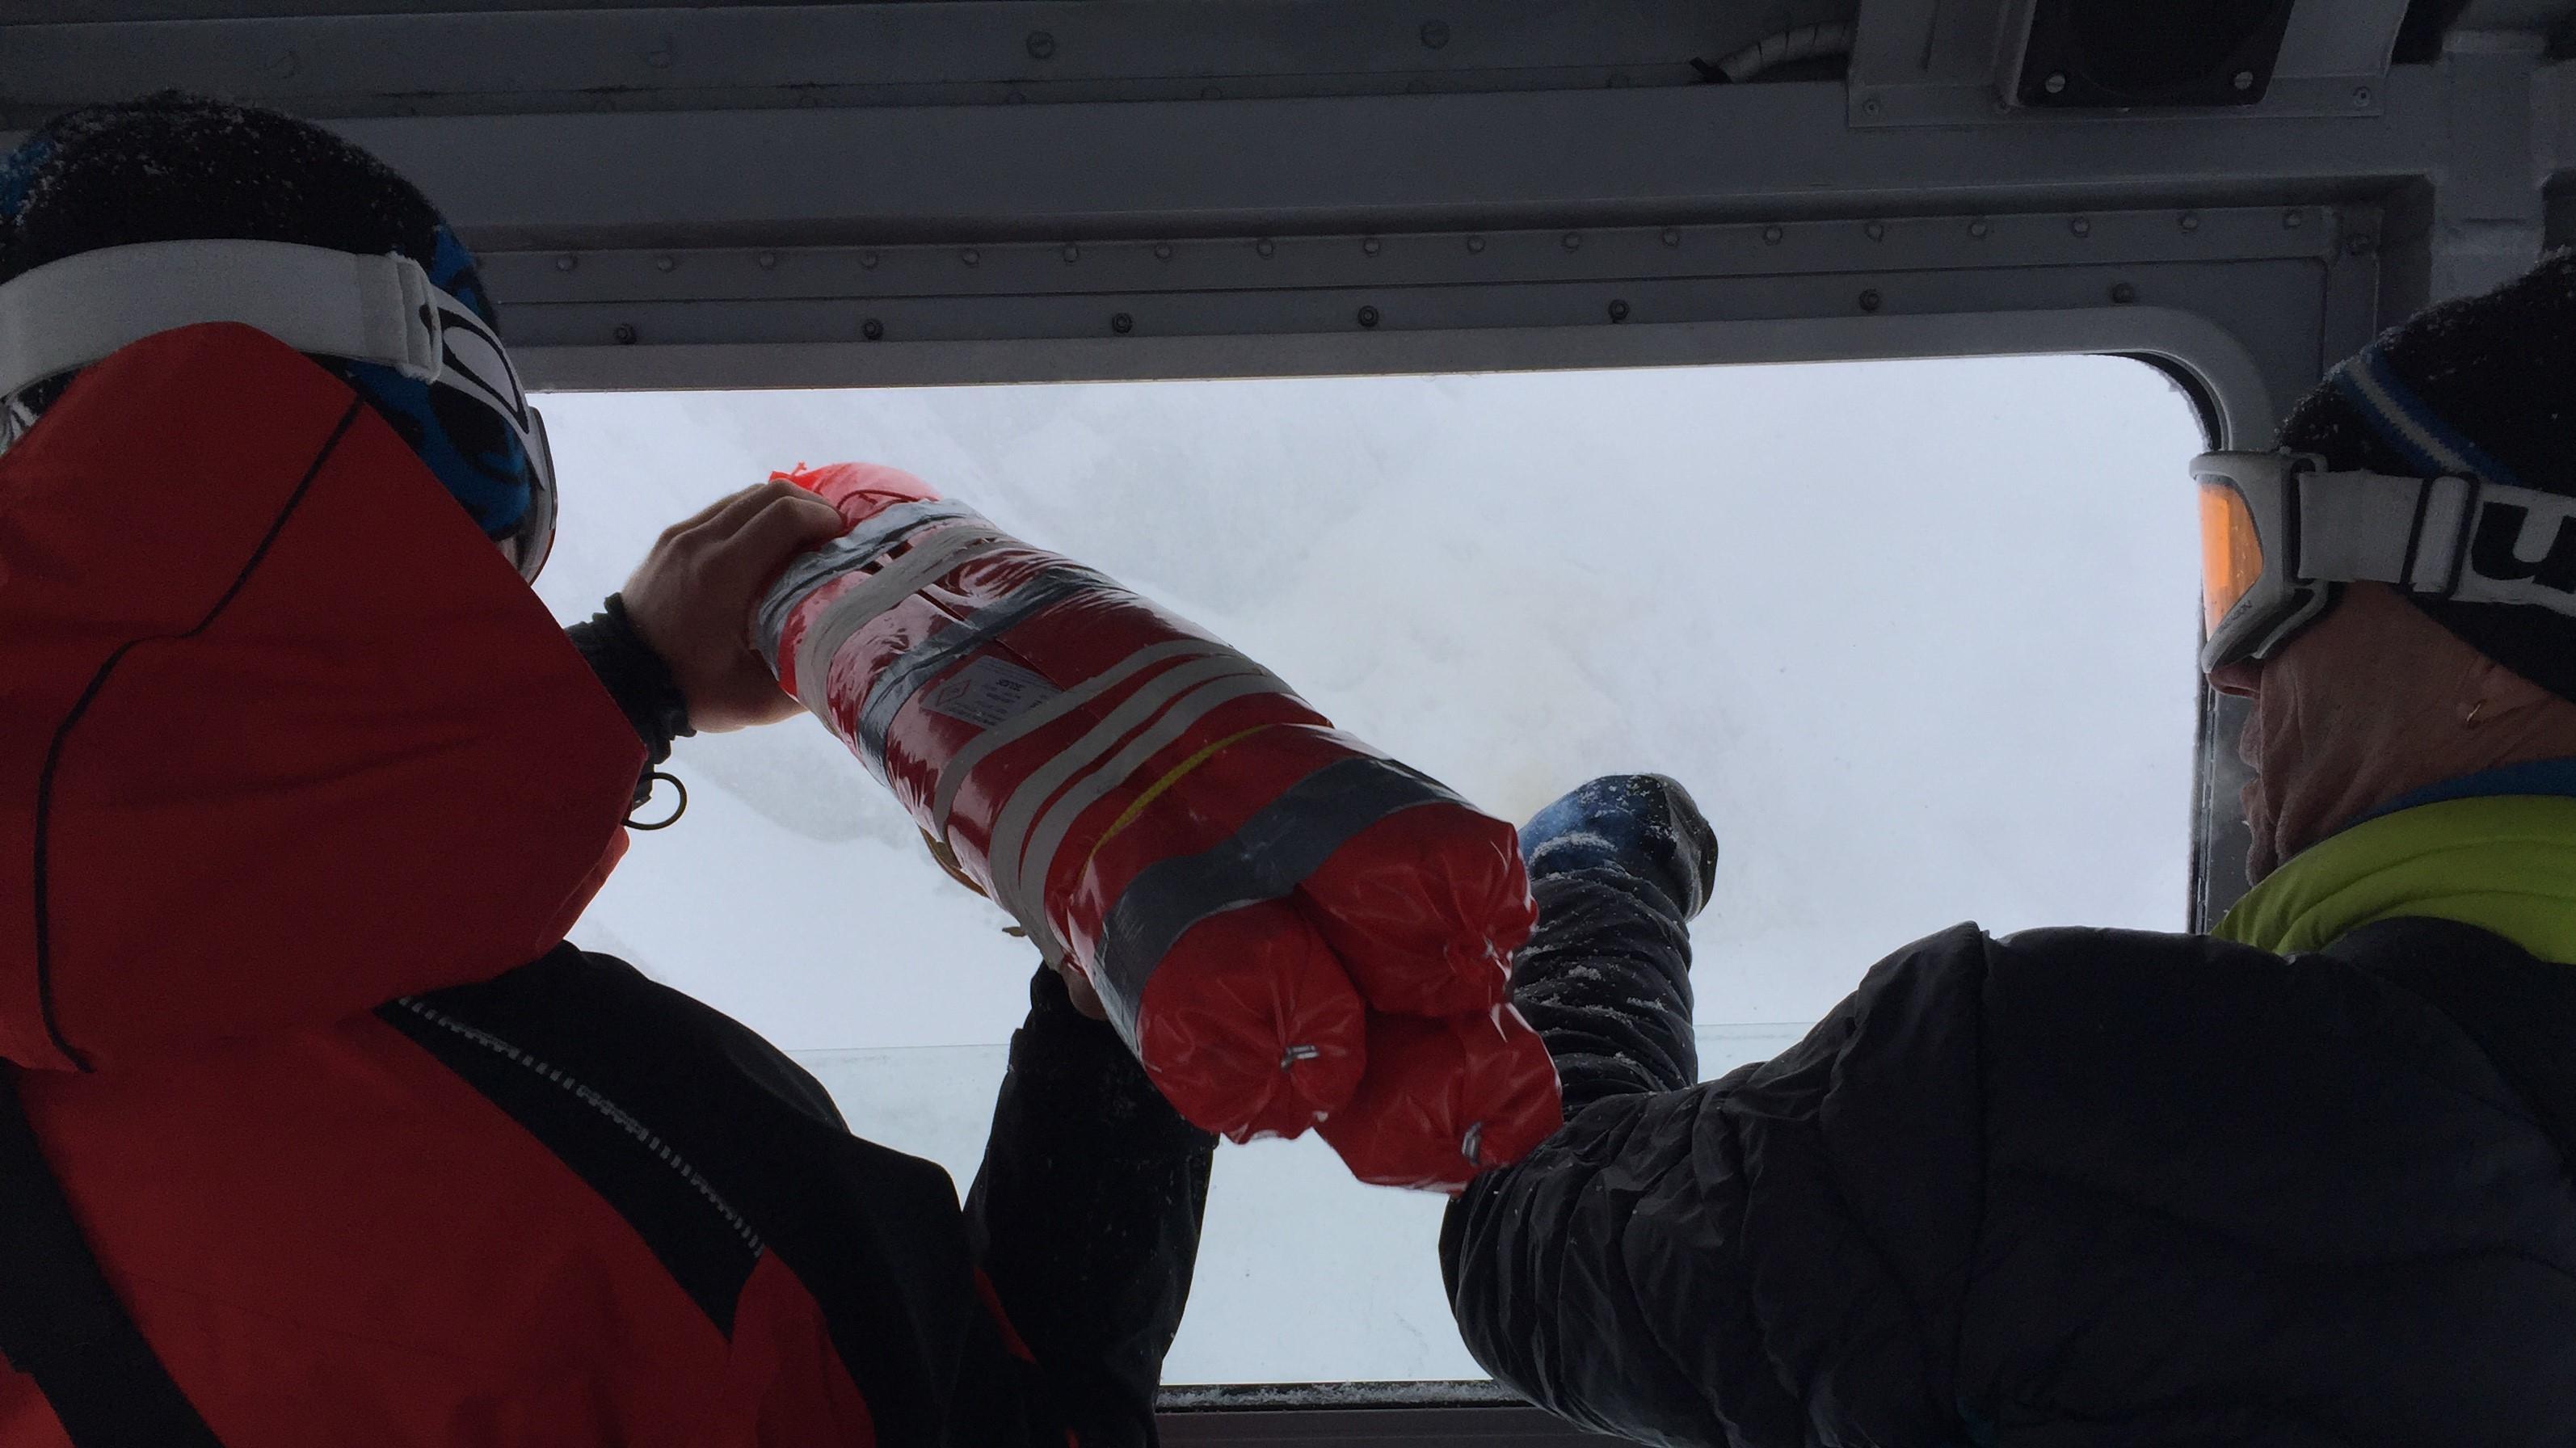 Lawinensprengung im Allgäu: Zwei Männer mit Sprengmaterial